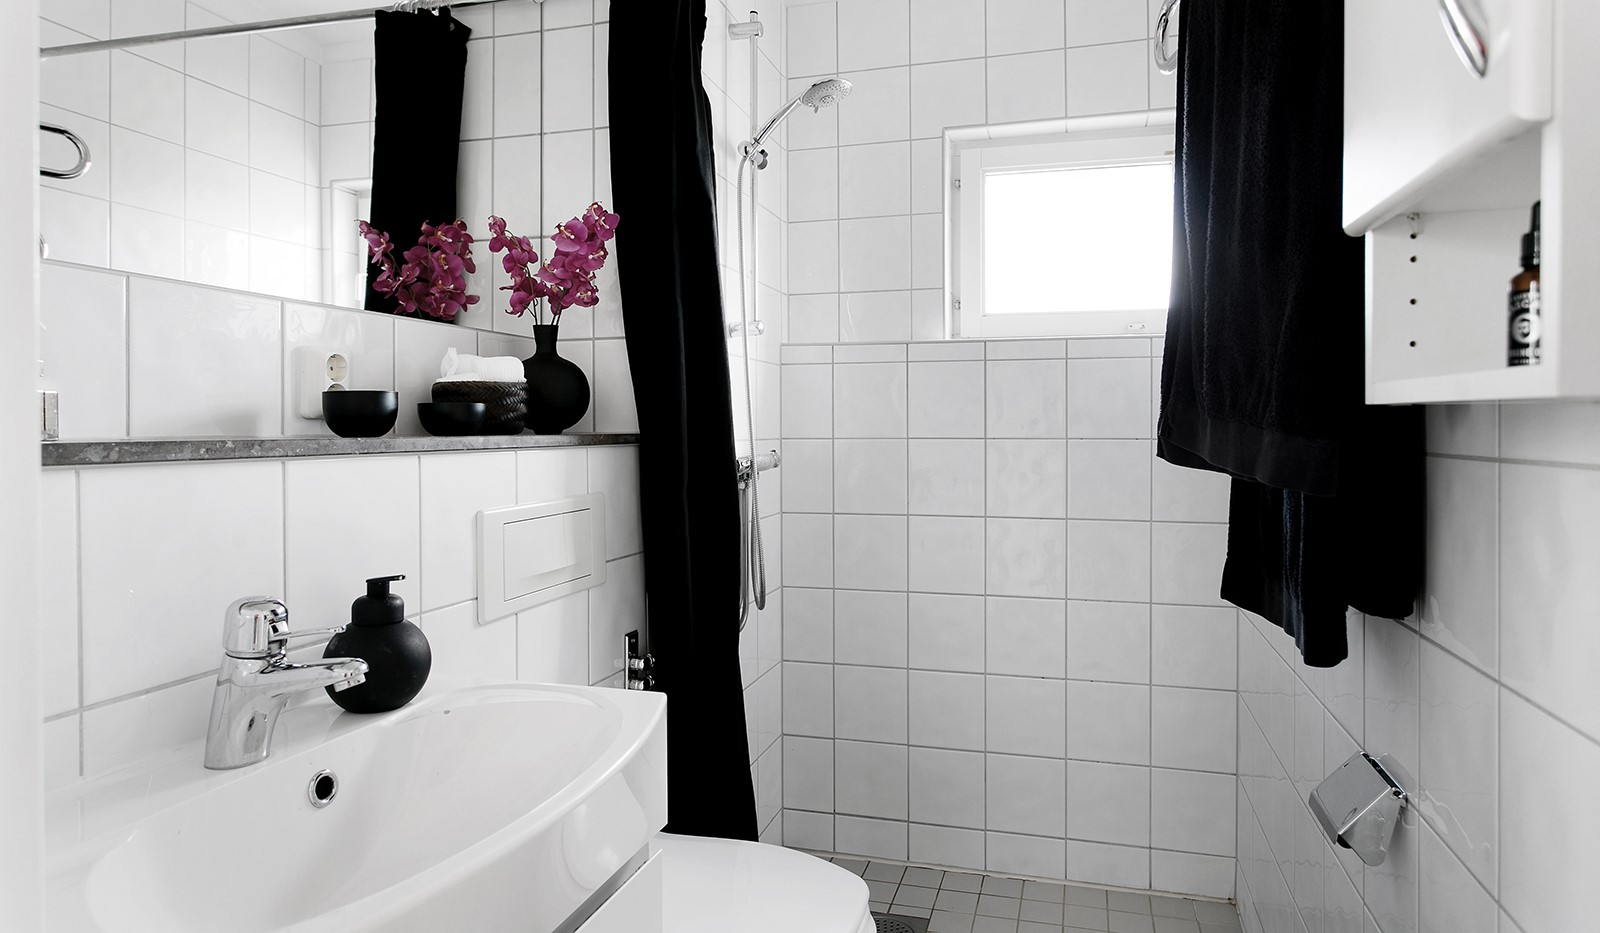 Sickla Kanalgata 64, vån 4 & 5 - Även på övre plan finns ett fullt utrustat badrum